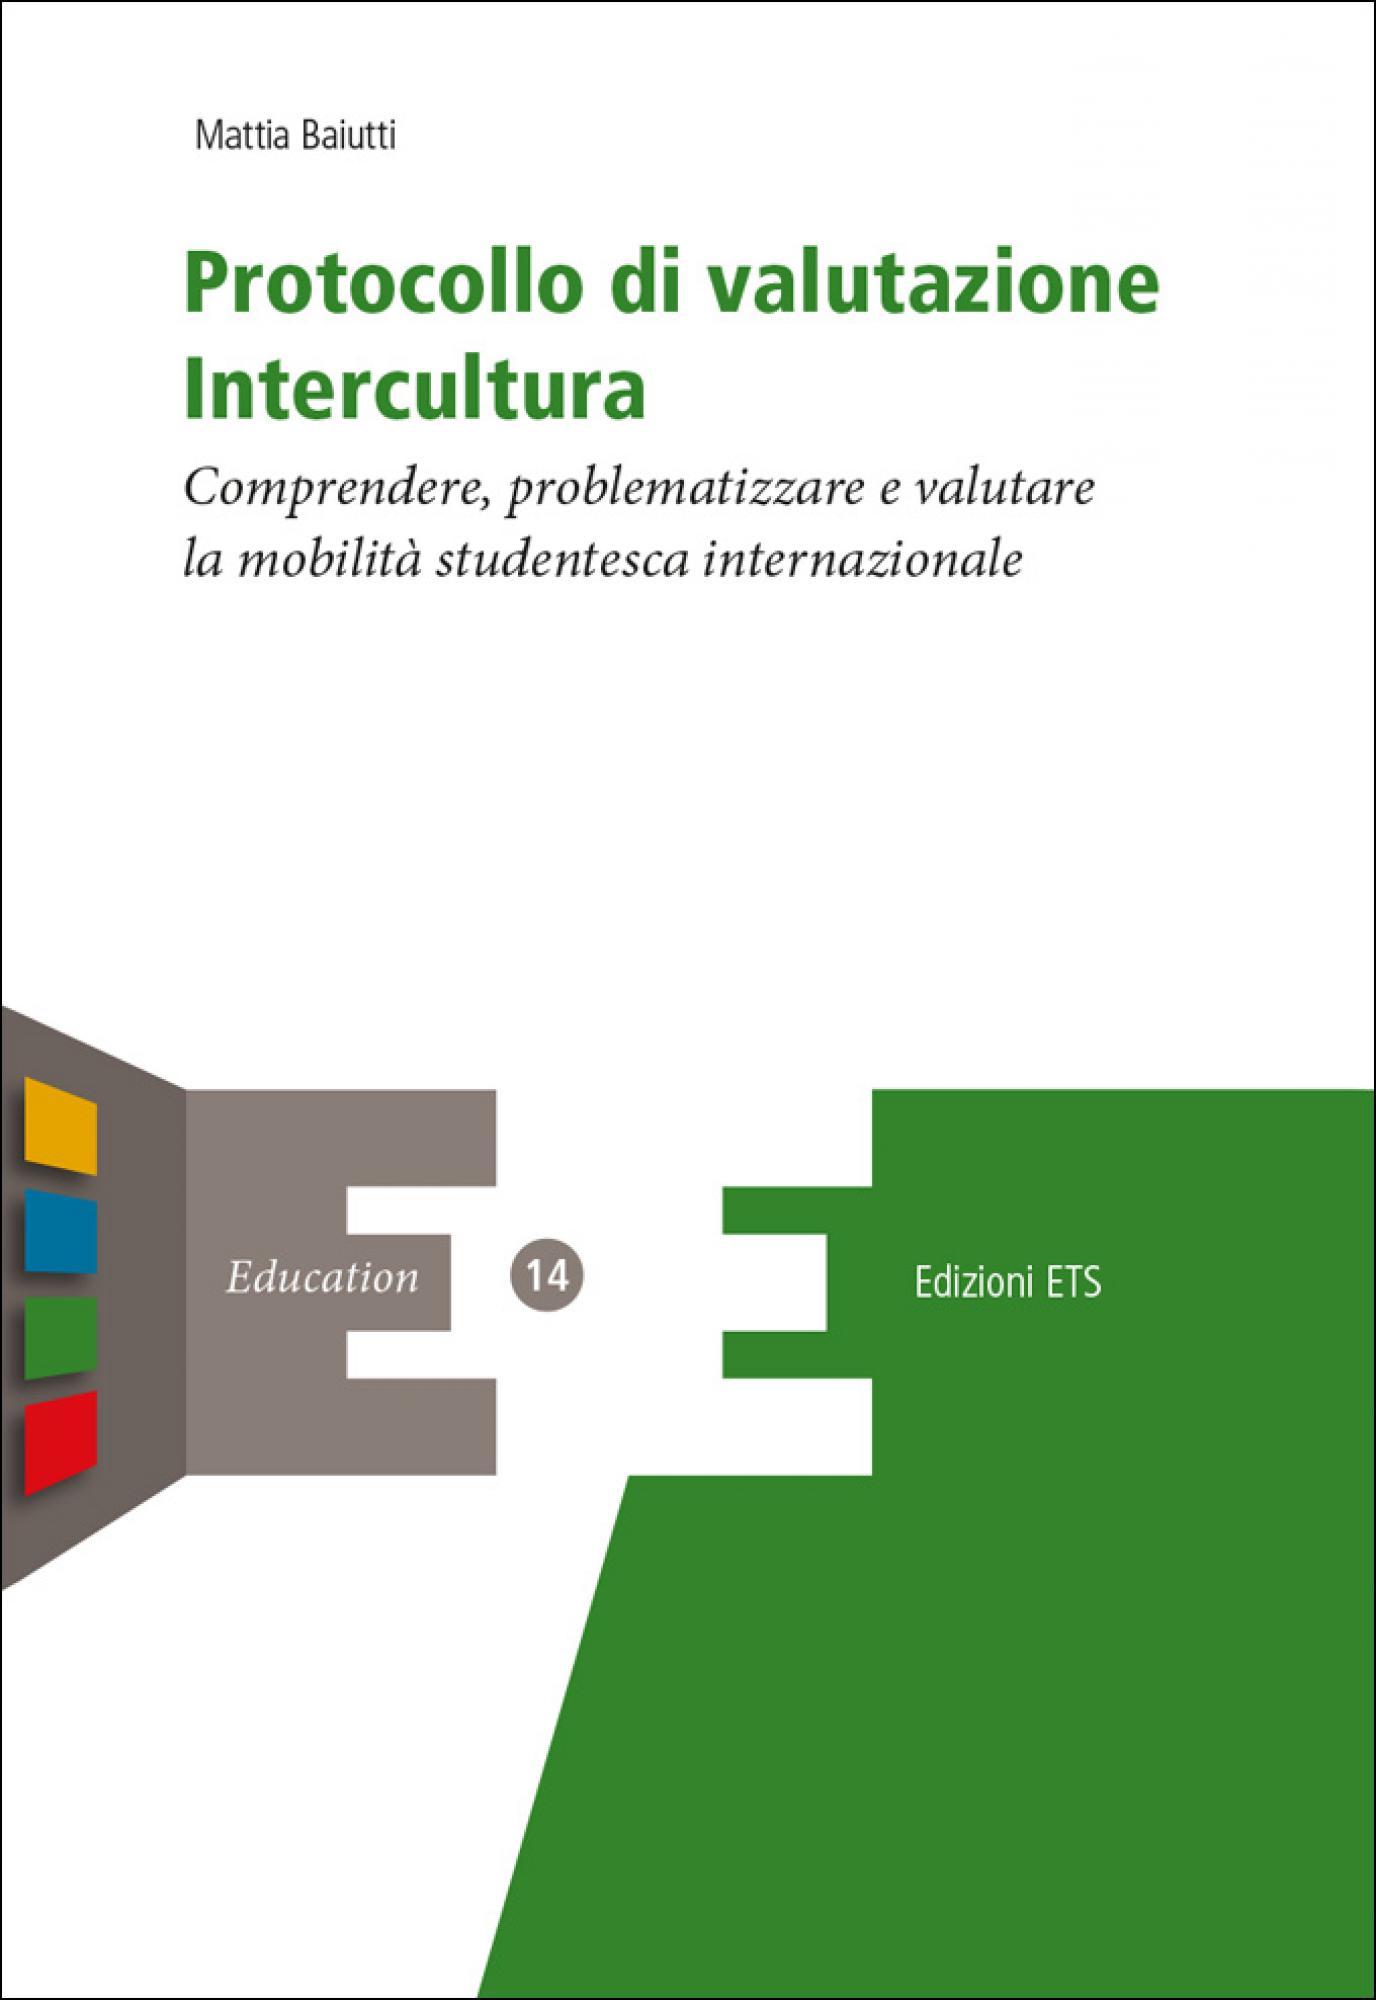 Protocollo di valutazione Intercultura.Comprendere, problematizzare e valutare la mobilità studentesca internazionale